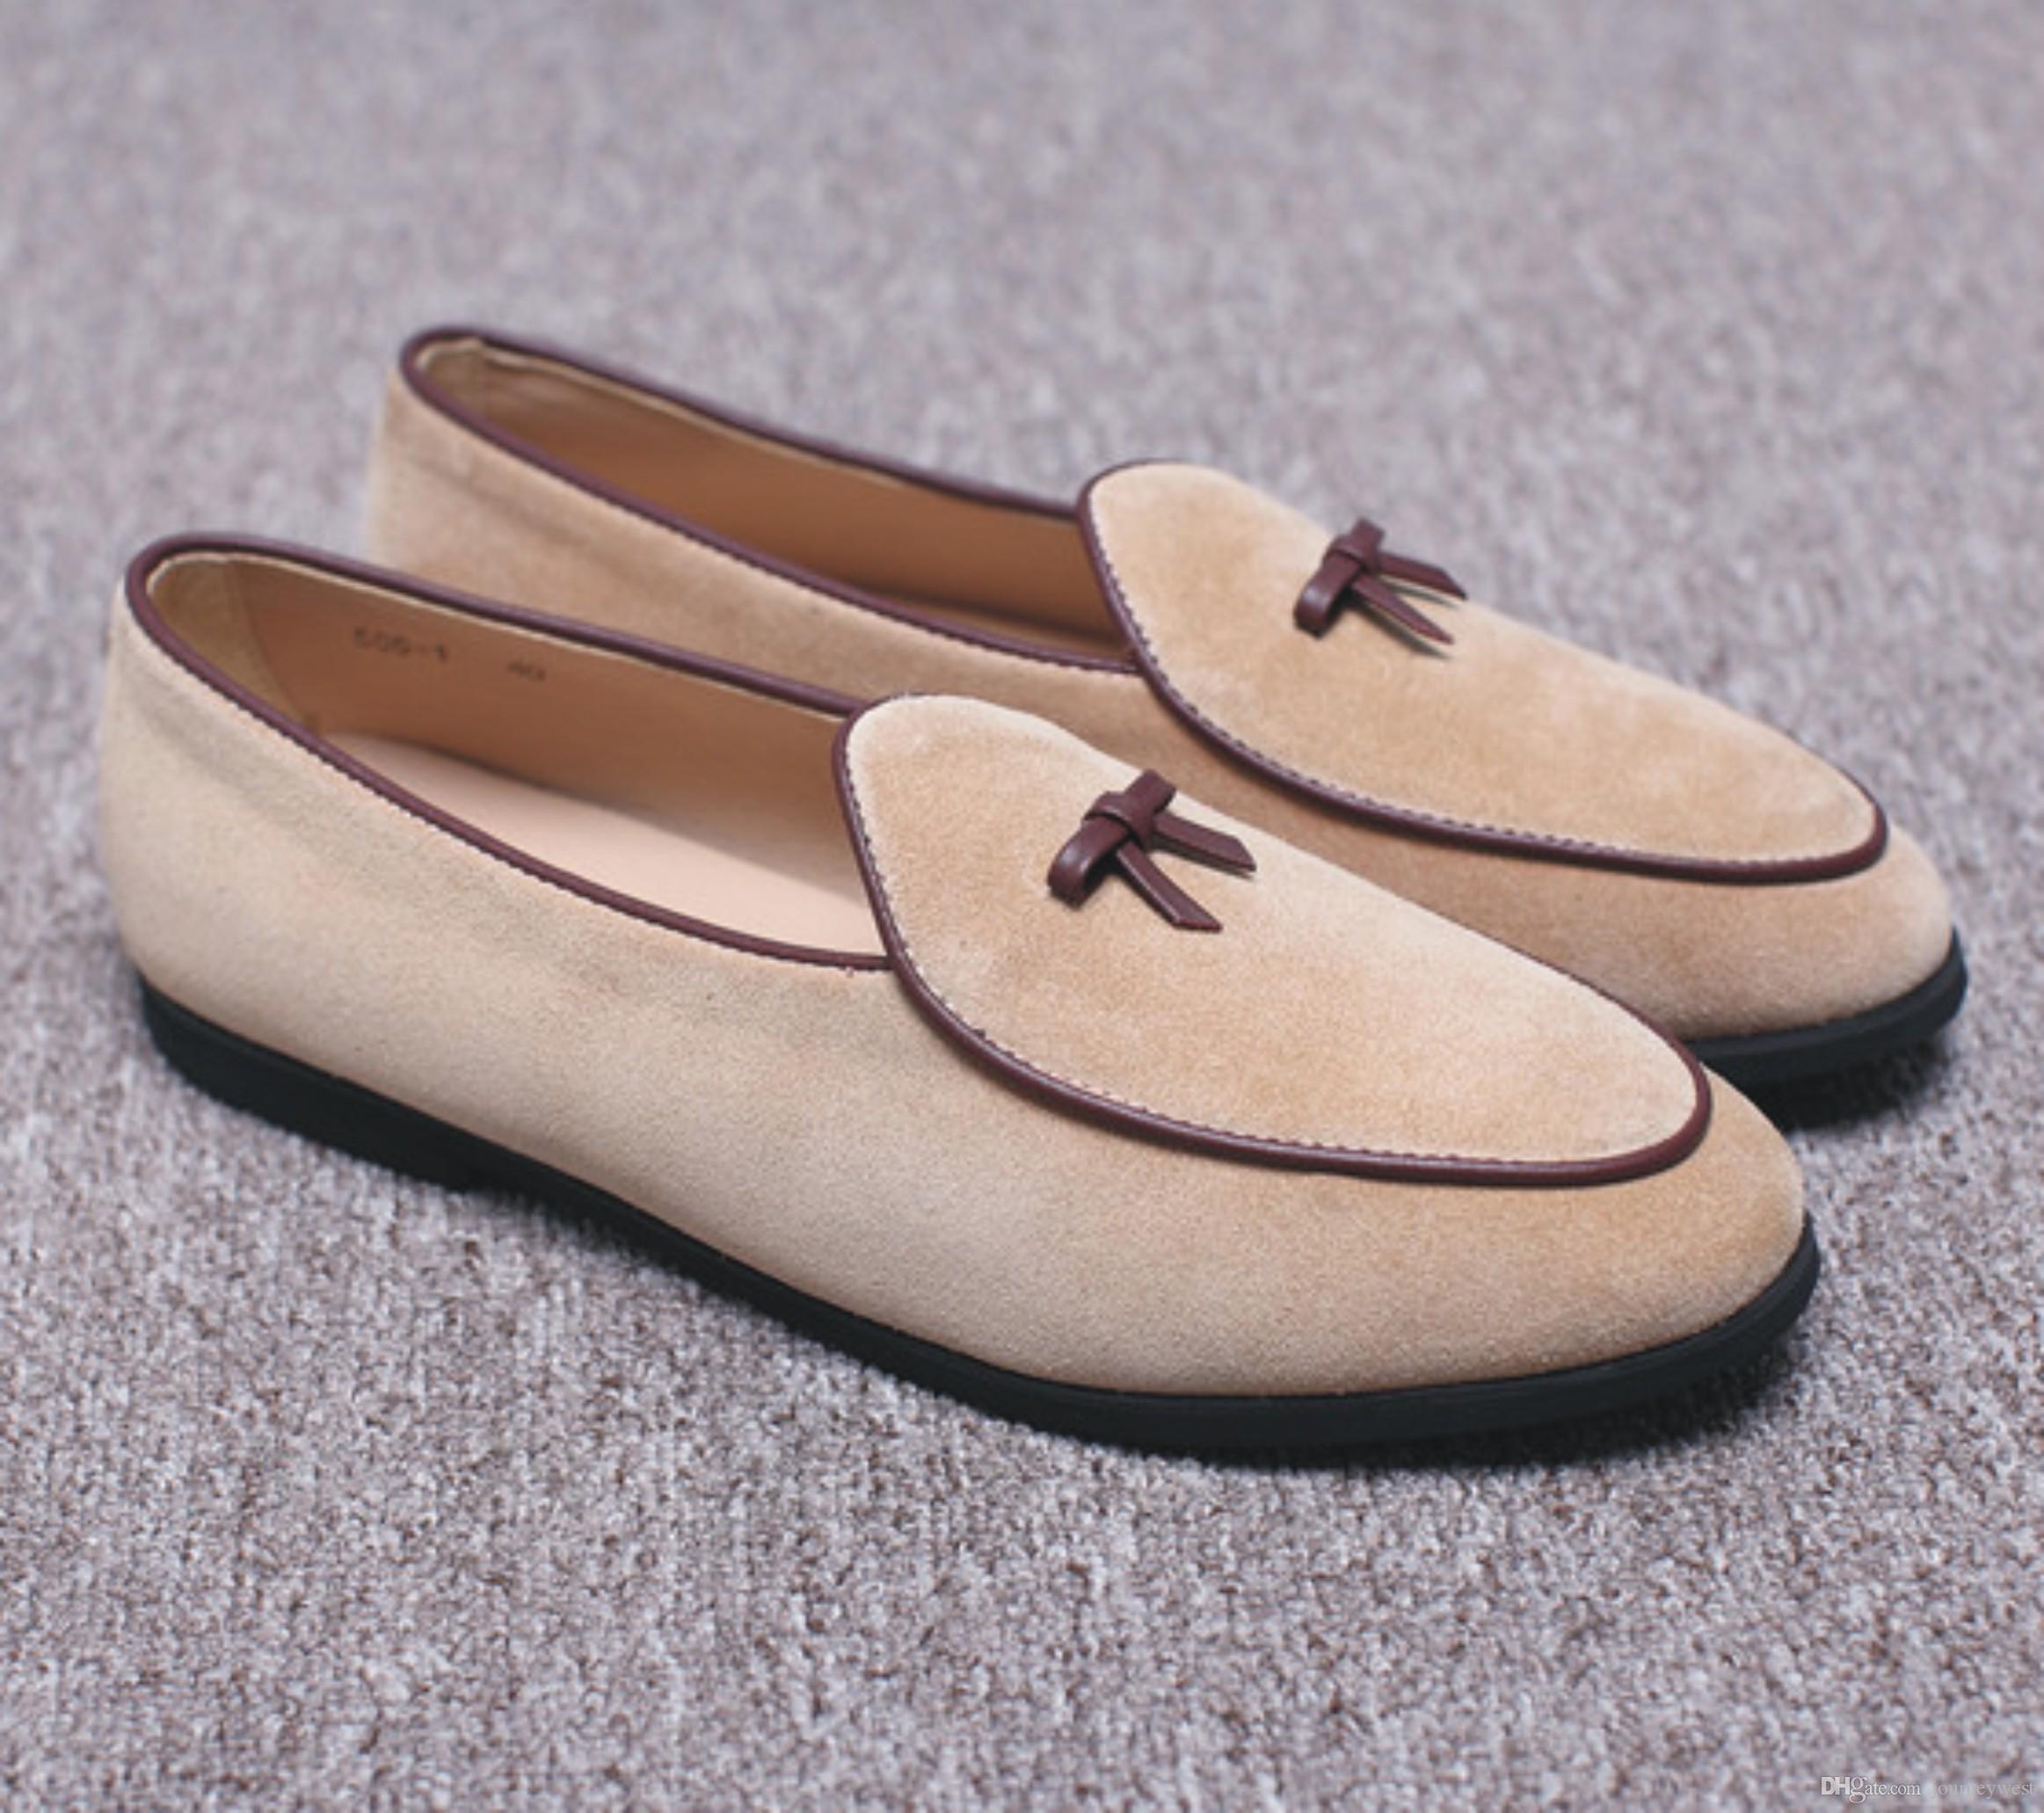 Acquista New Fashion Uomo Mocassini In Pelle Scamosciata Slip On Scarpe  Casual Scarpe Da Sera Belga Pantofole Scarpe Da Uomo Con Cravatta A  Farfalla Nero ... eb6c0b7842a